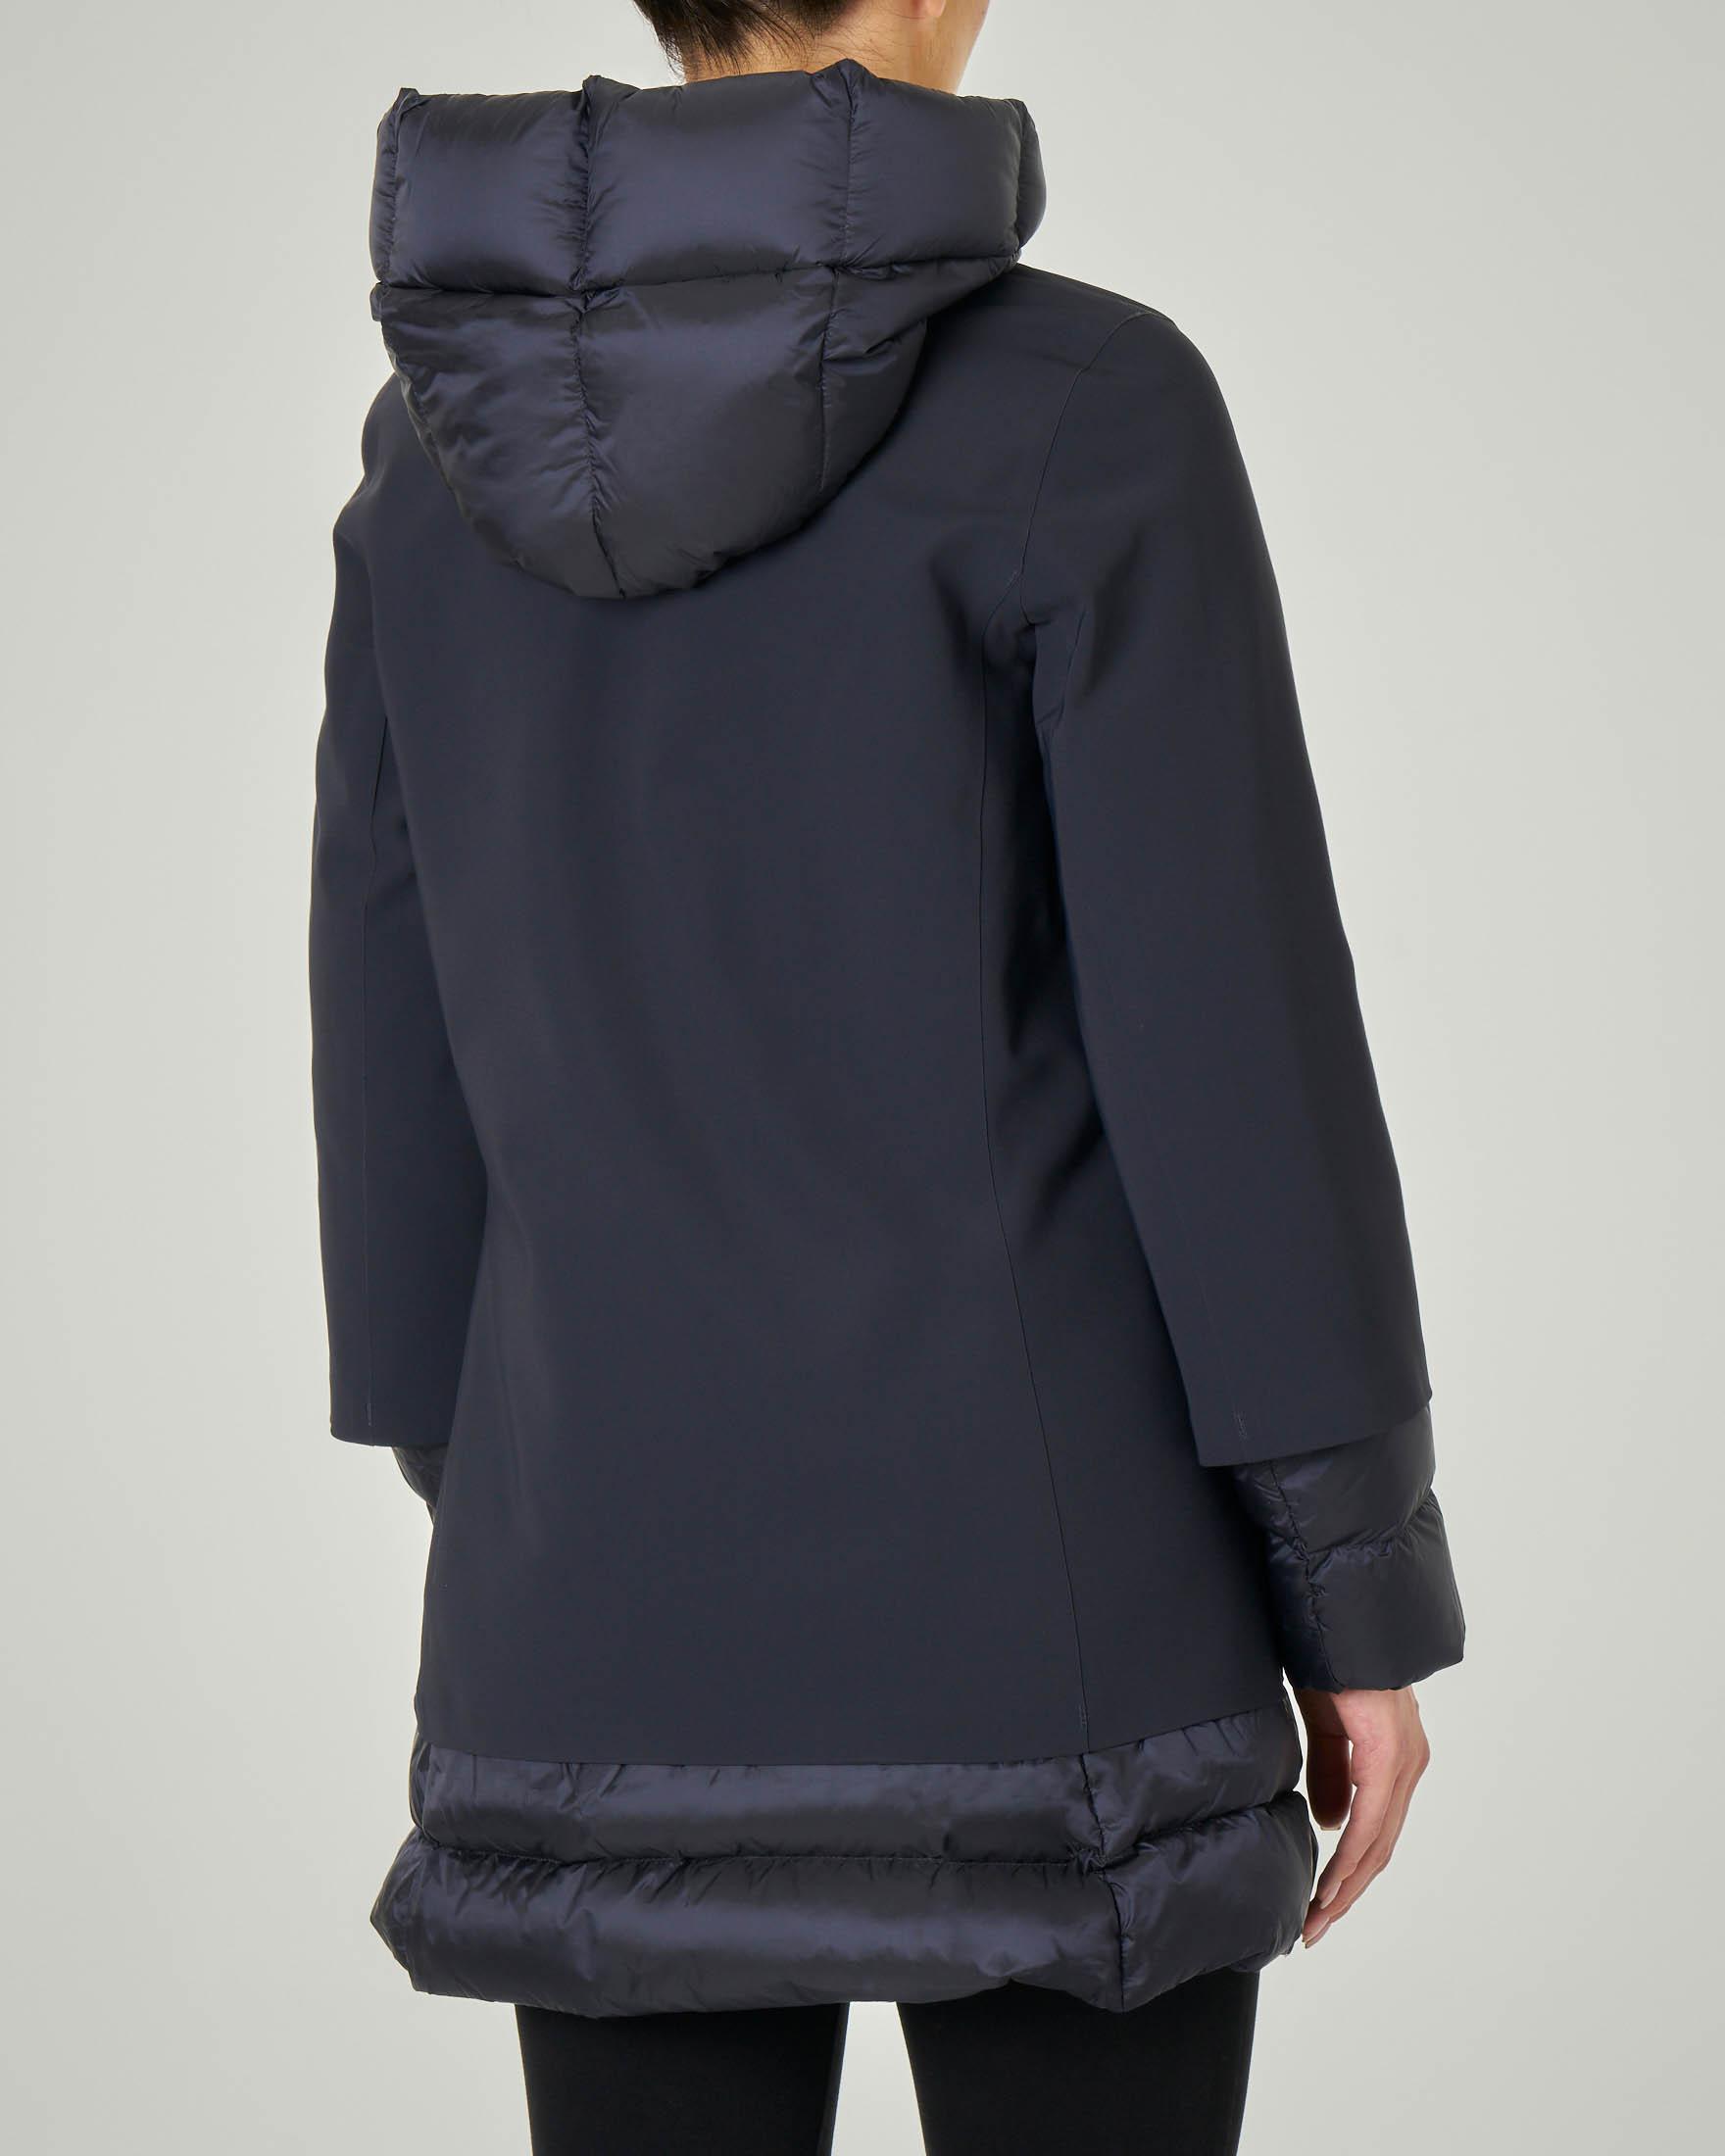 Piumino lunghezza media blu liscio effetto matt con inserti in tessuto trapuntato e cappuccio fisso